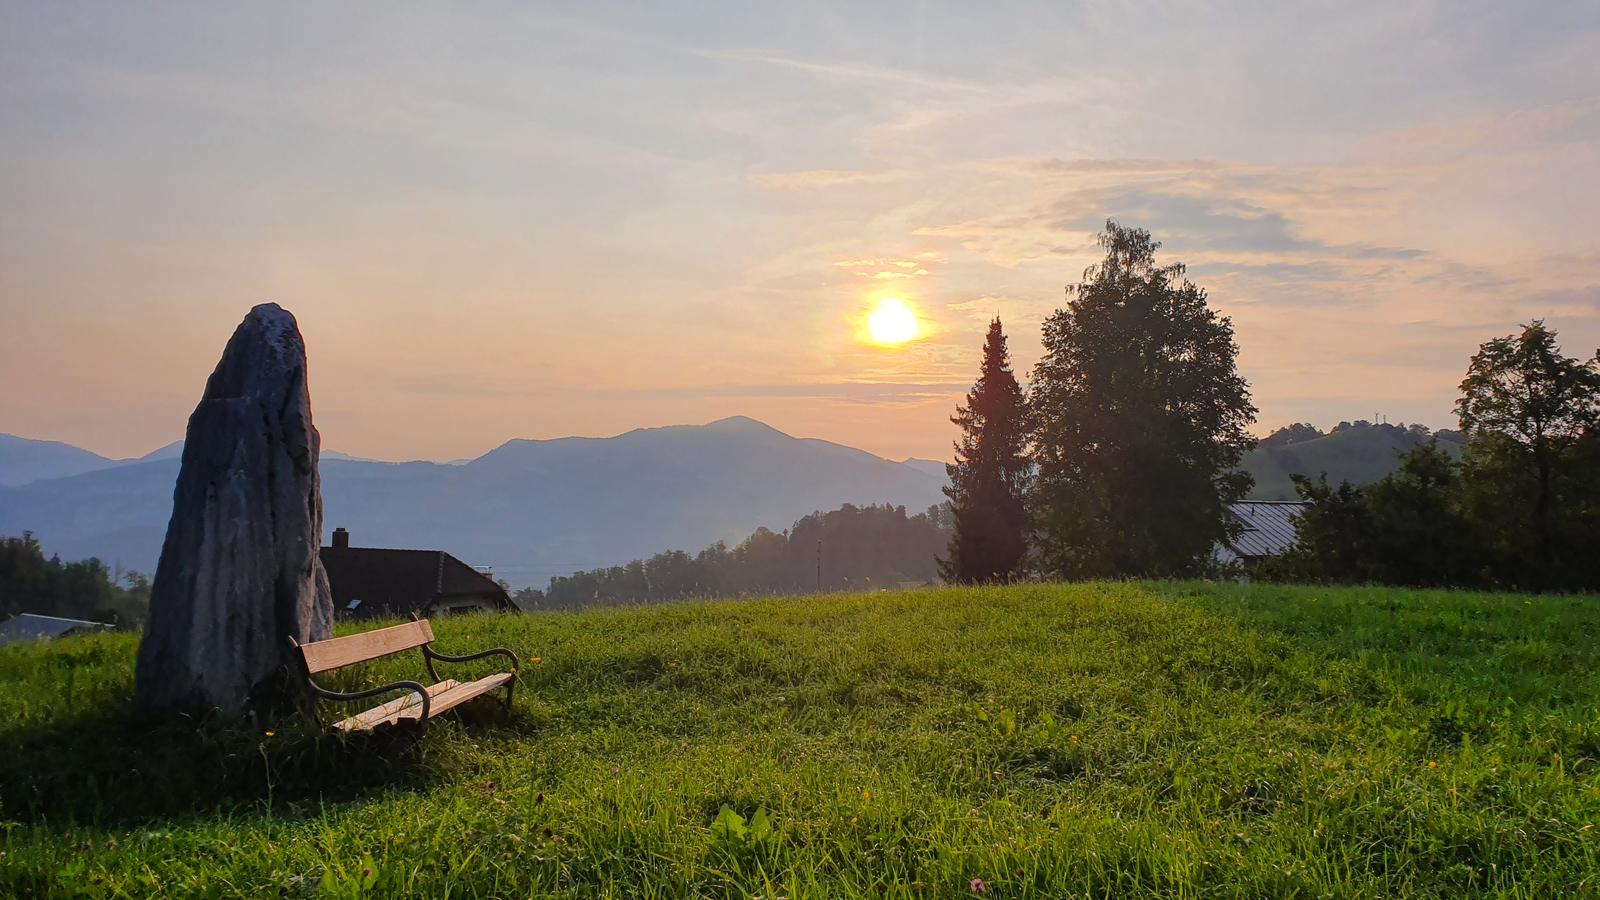 Menhir Österreich, Megalith, Landschaft im Salzkammergut, Sonnenaufgang in den Bergen